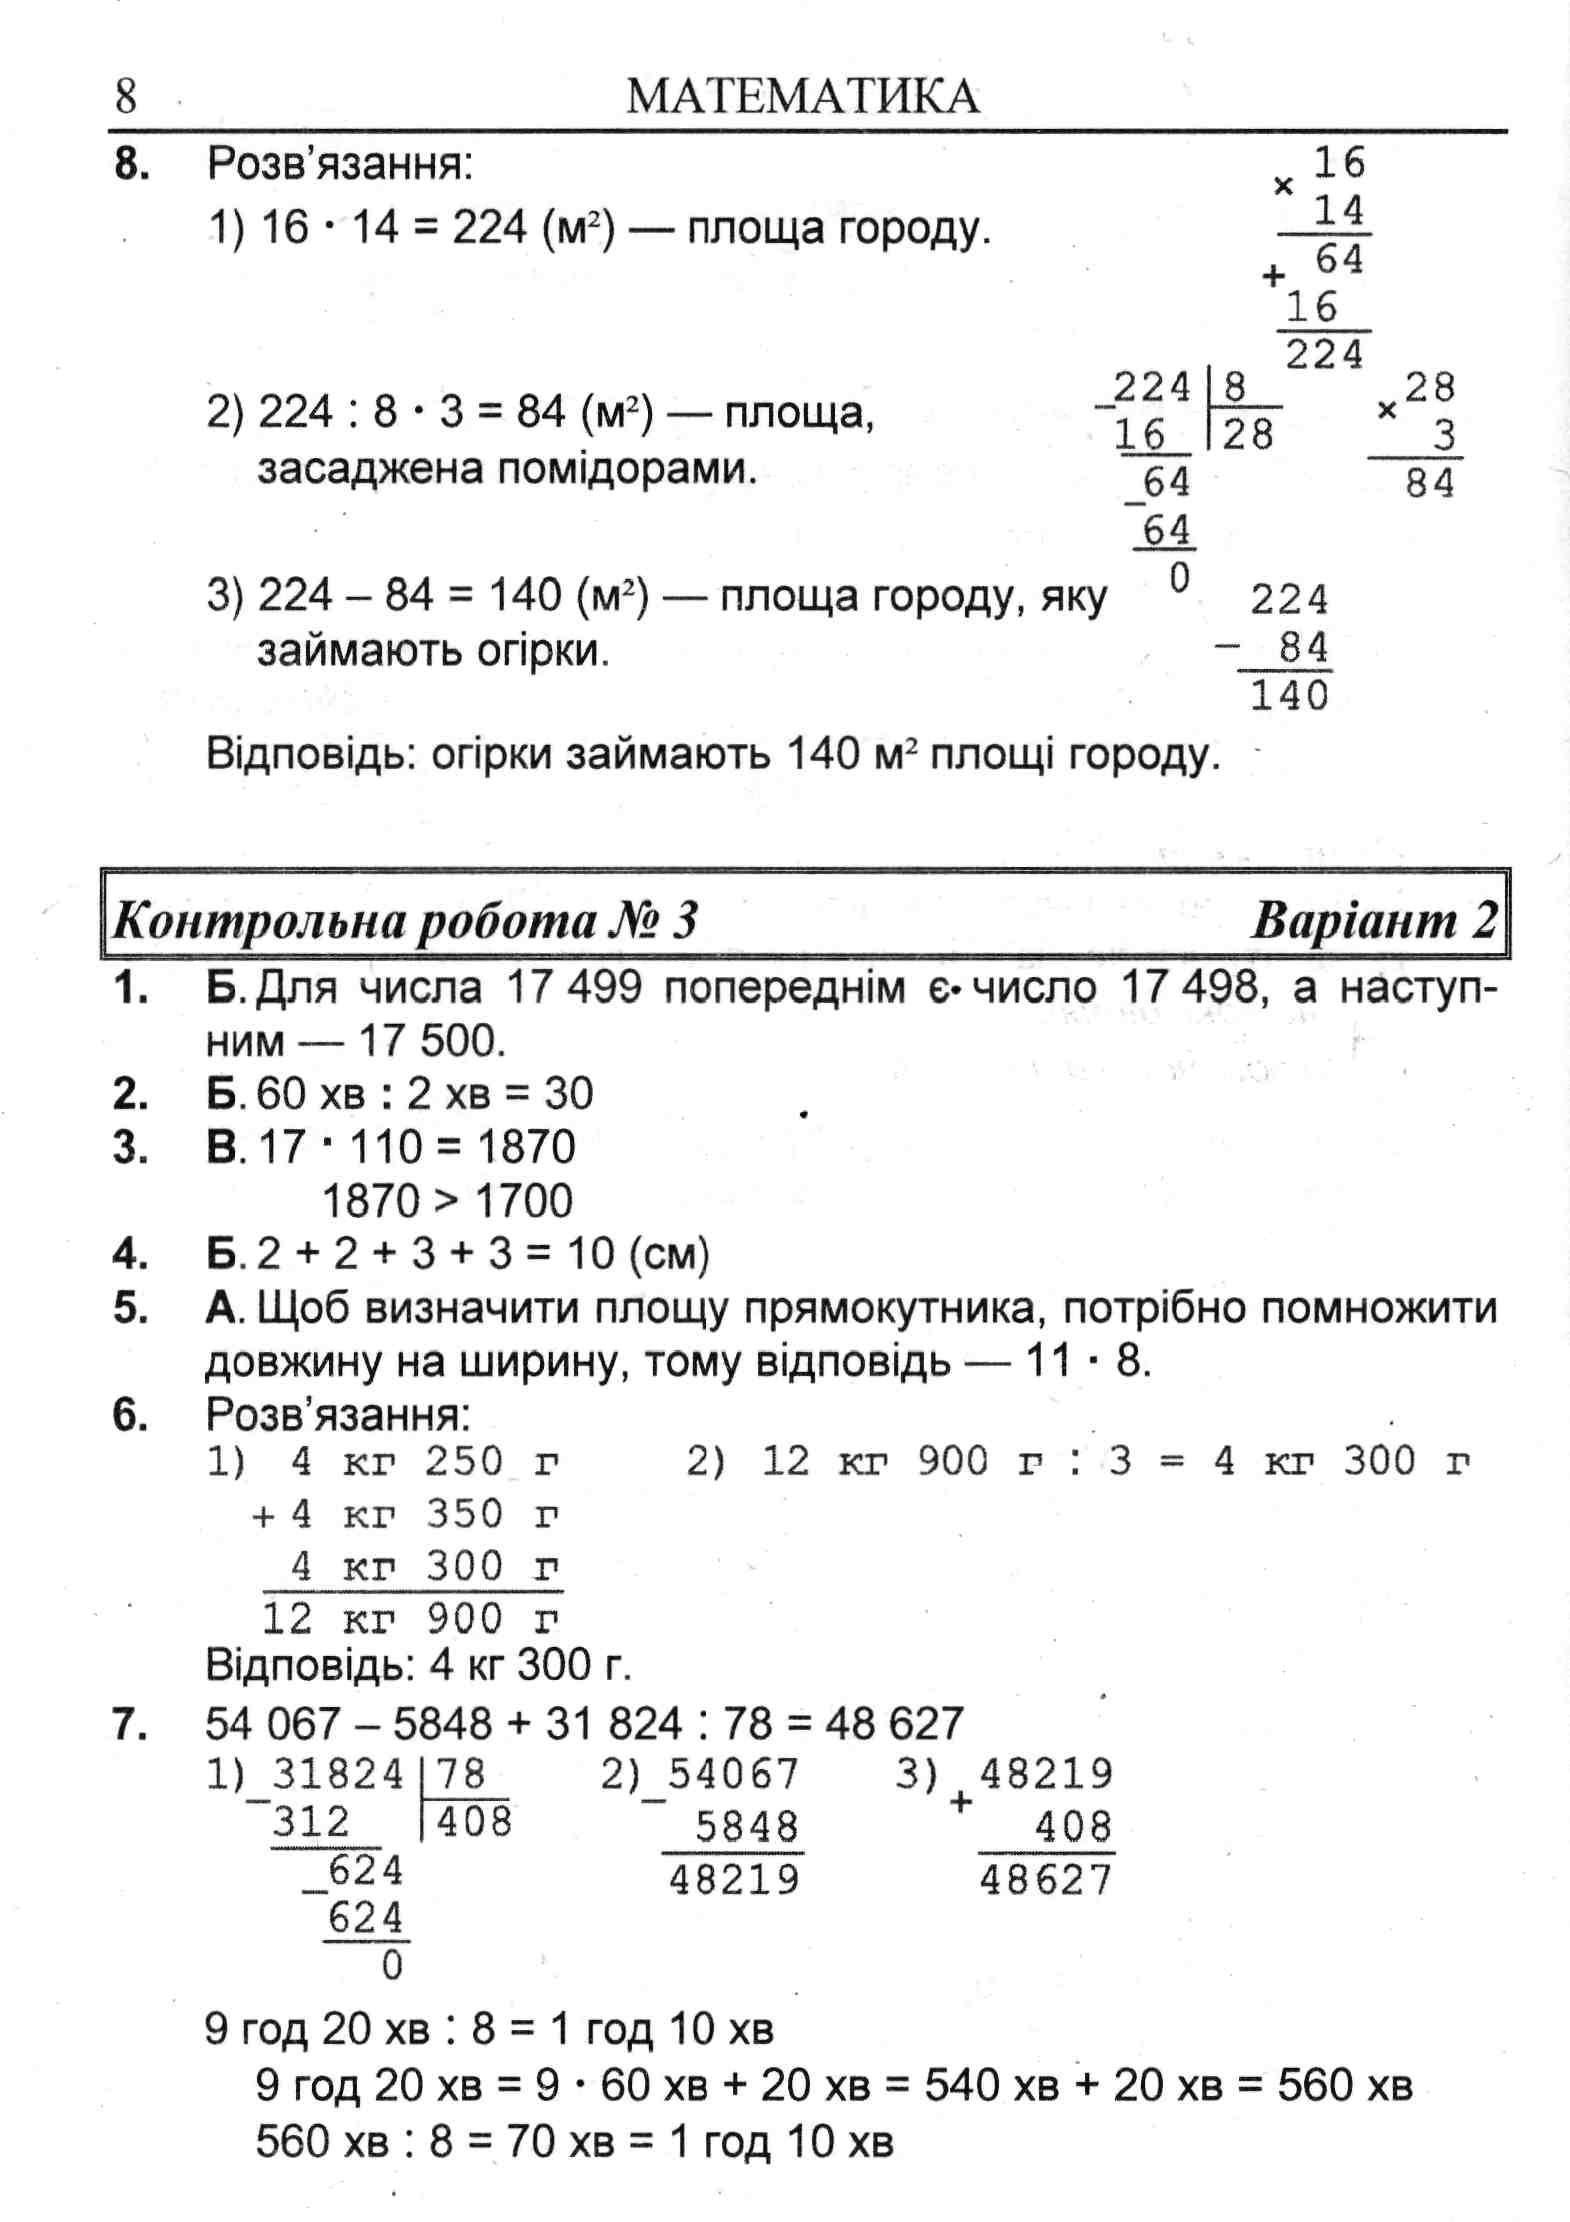 Решебник по математике за 2 класс учебник богдановича задача